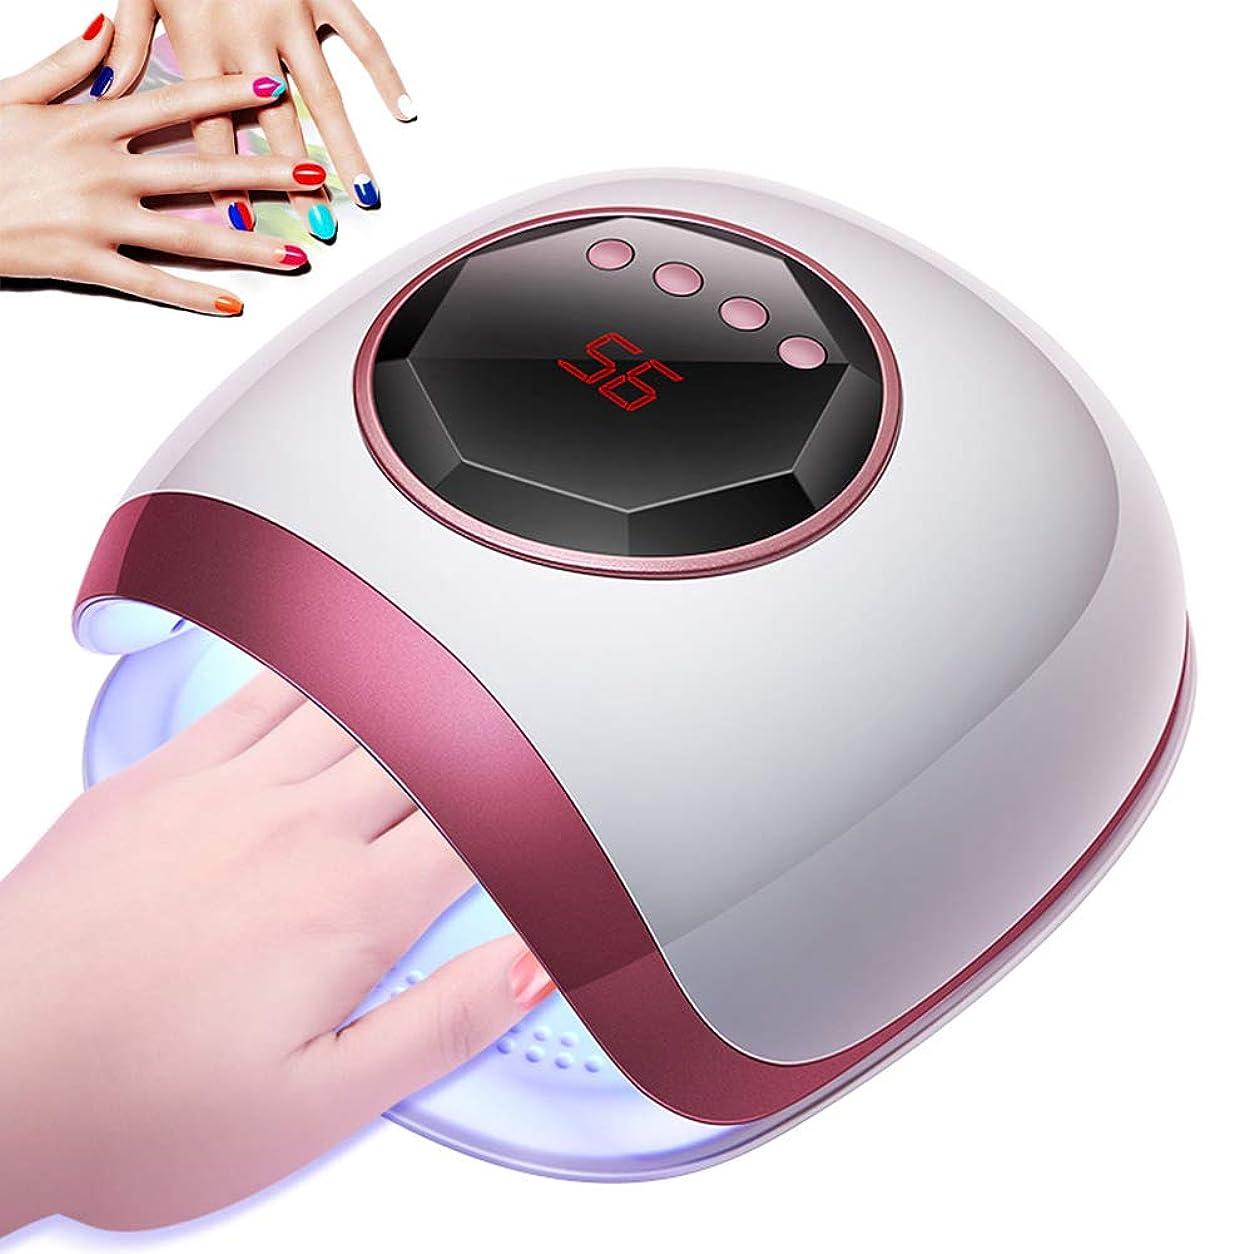 人間実行可能傾く速いLEDの紫外線釘の乾燥ランプ、72W専門LEDのゲルの釘ライトポーランド語の治癒の乾燥ランプ、自動センサー、LEDデジタル表示装置、4つのタイマー30/60/90 / 99s、釘および足指のため